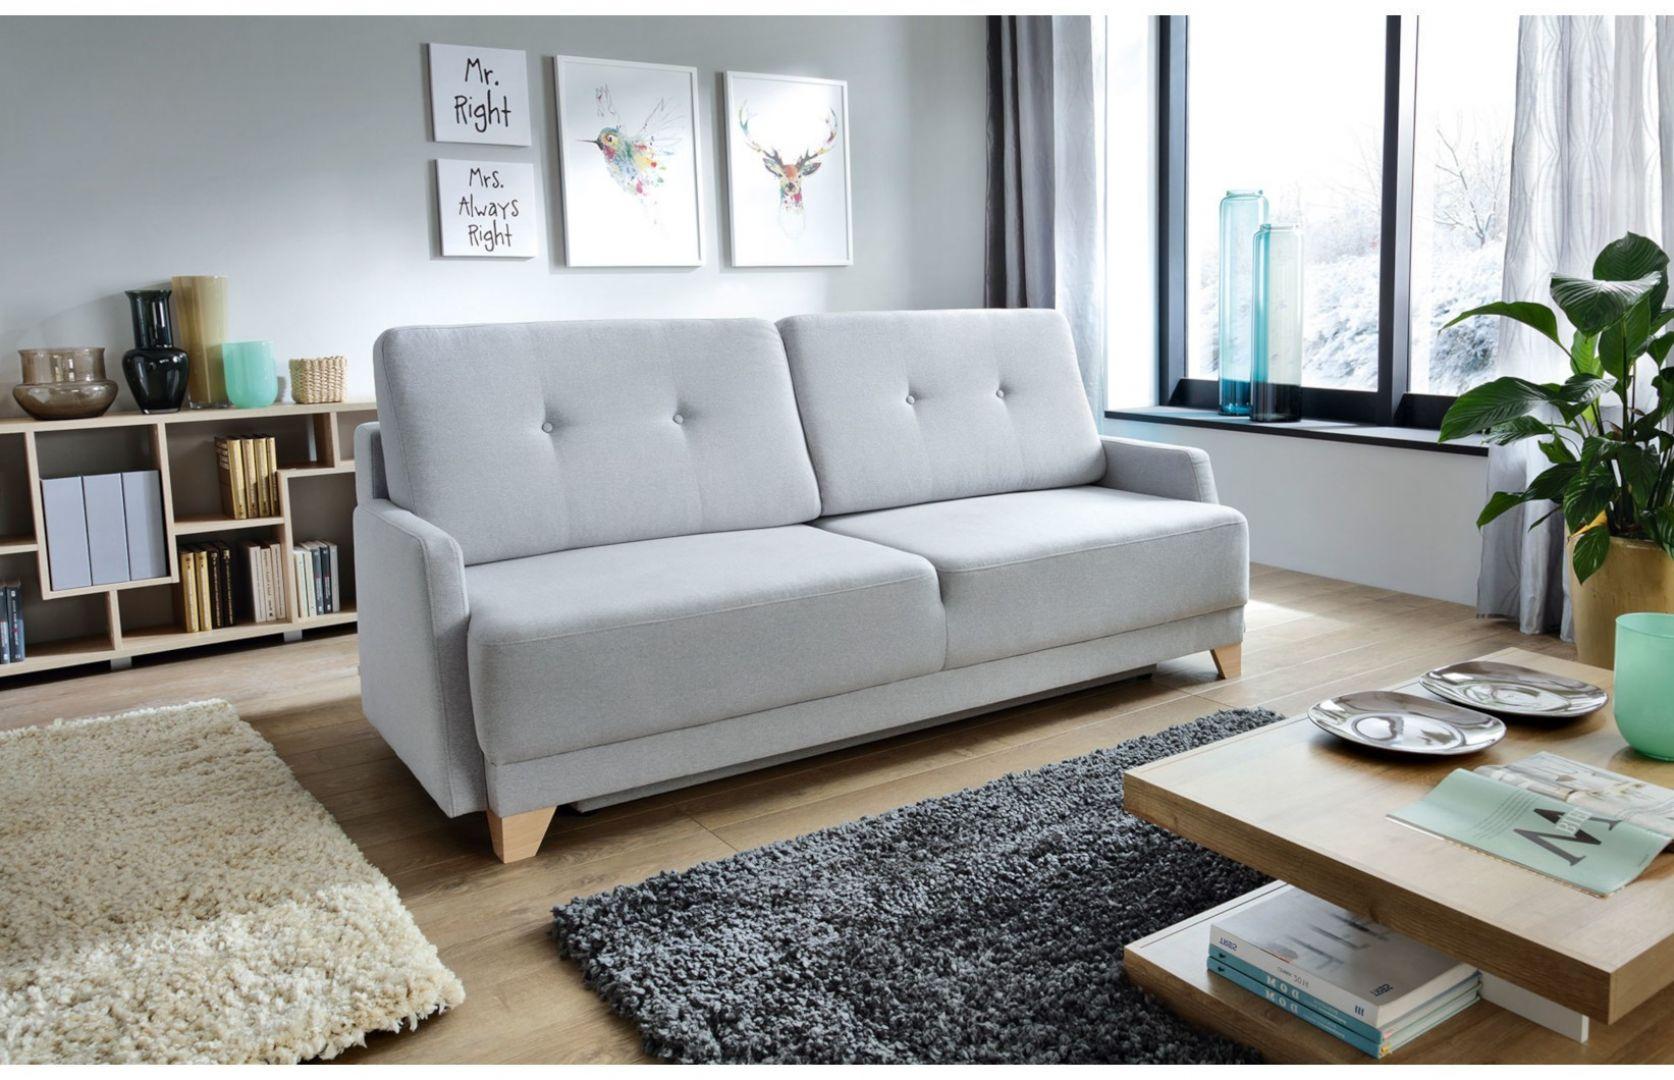 Sofa do małego salonu z kolekcji Bianca New. Trzyosobowa, rozkładana, w jasnym, szarym kolorze. Do kupienia w Salonach Agata. Cena: 1.949 zł. Fot. Salony Agata